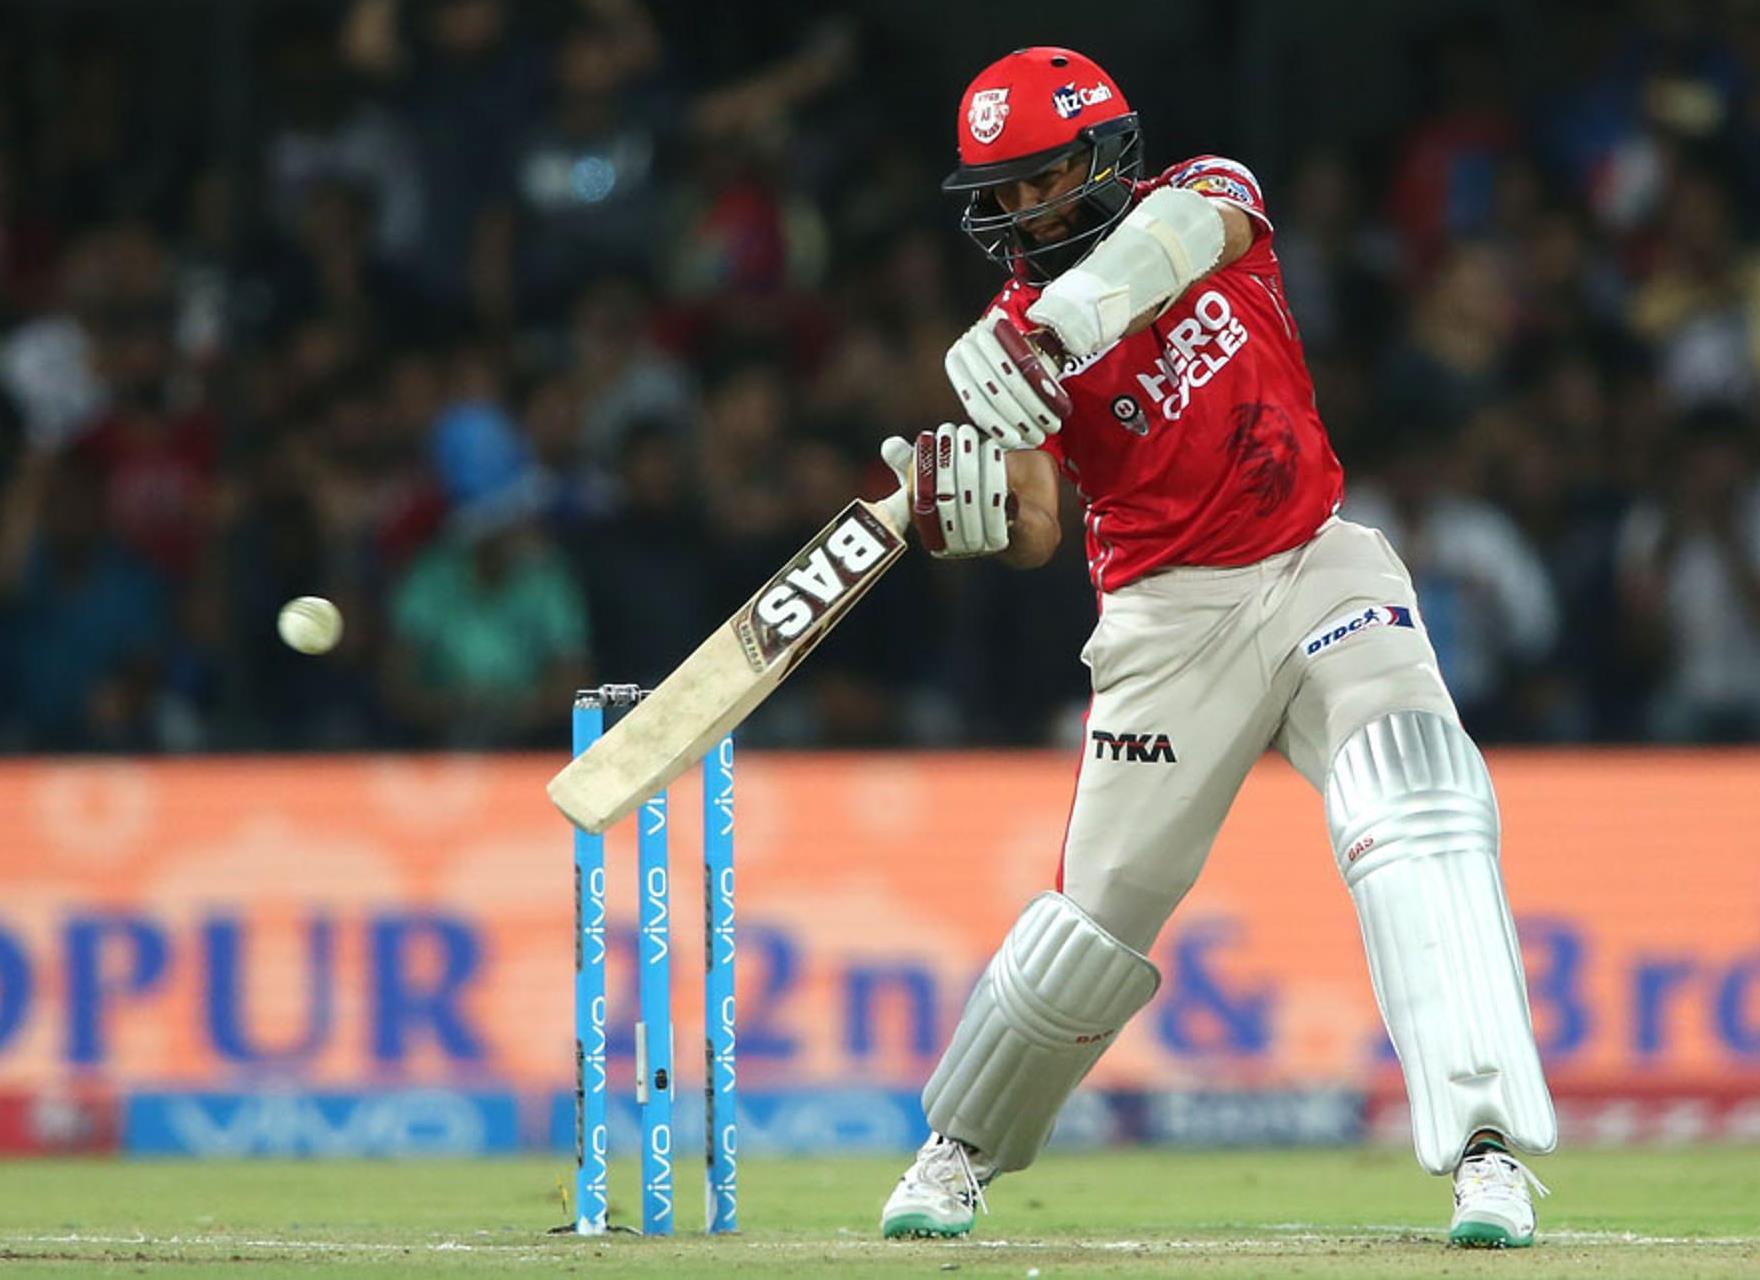 रिकी पोंटिंग ने चुनी अपनी आईपीएल की सर्वश्रेष्ठ 11, 4 विदेशी नहीं बल्कि केवल 4 भारतीय खिलाड़ियों को दी जगह 2